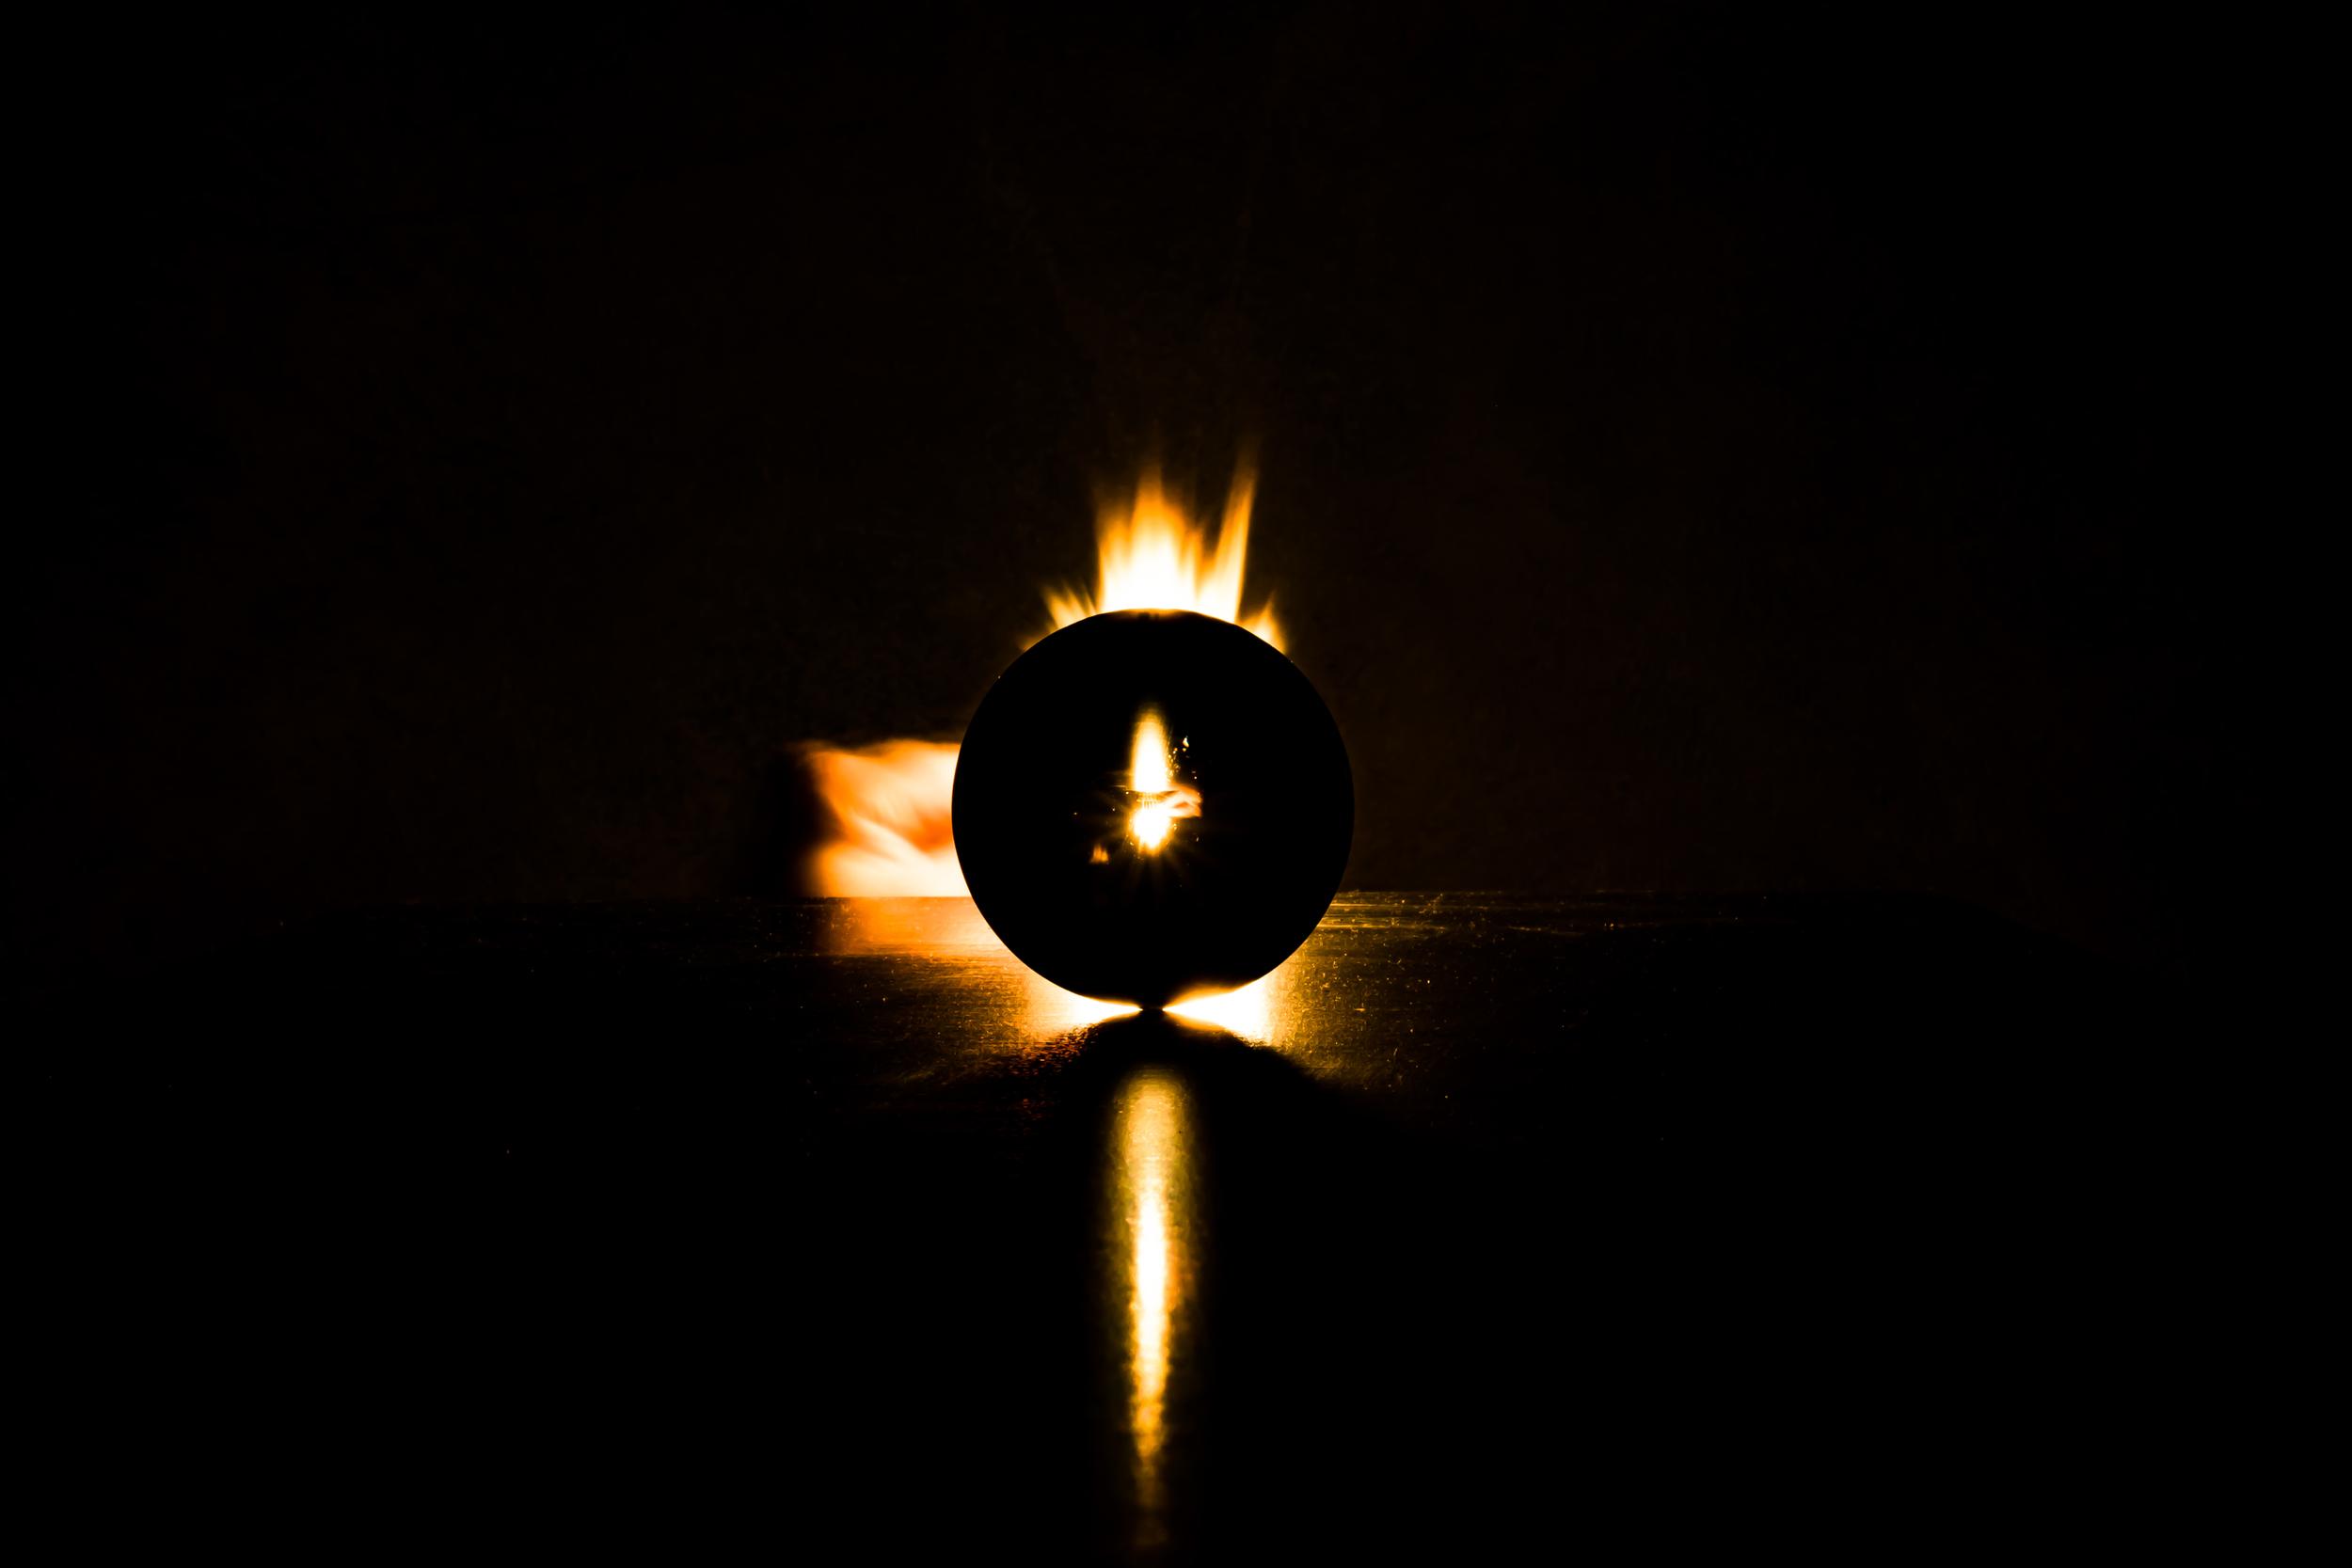 Viewfinder-spel-vuur-kristallen-bol-geheimzinnig-eigenzinnigie-fotografie-lucifer-achter-kristallen-bol